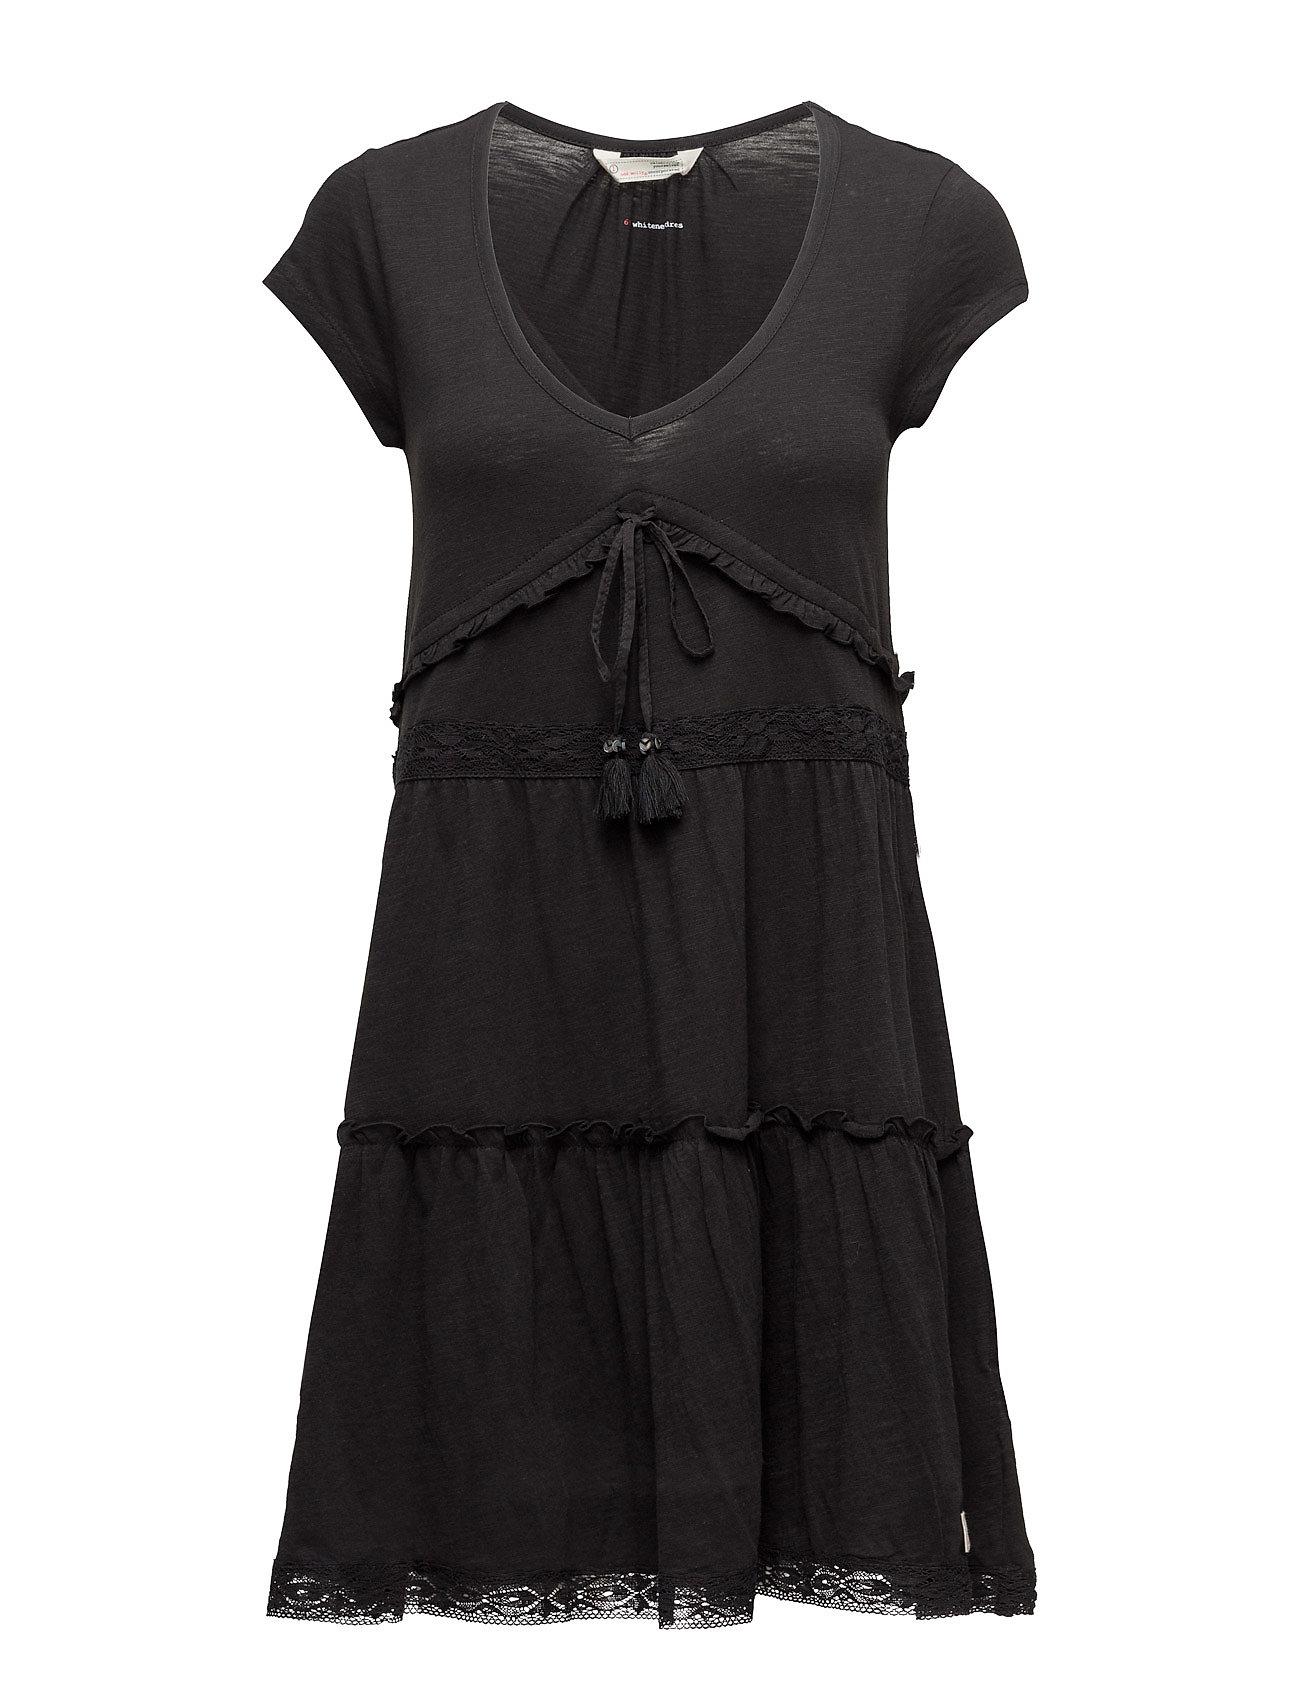 Whiteness Dress ODD MOLLY Korte kjoler til Damer i Næsten Sort